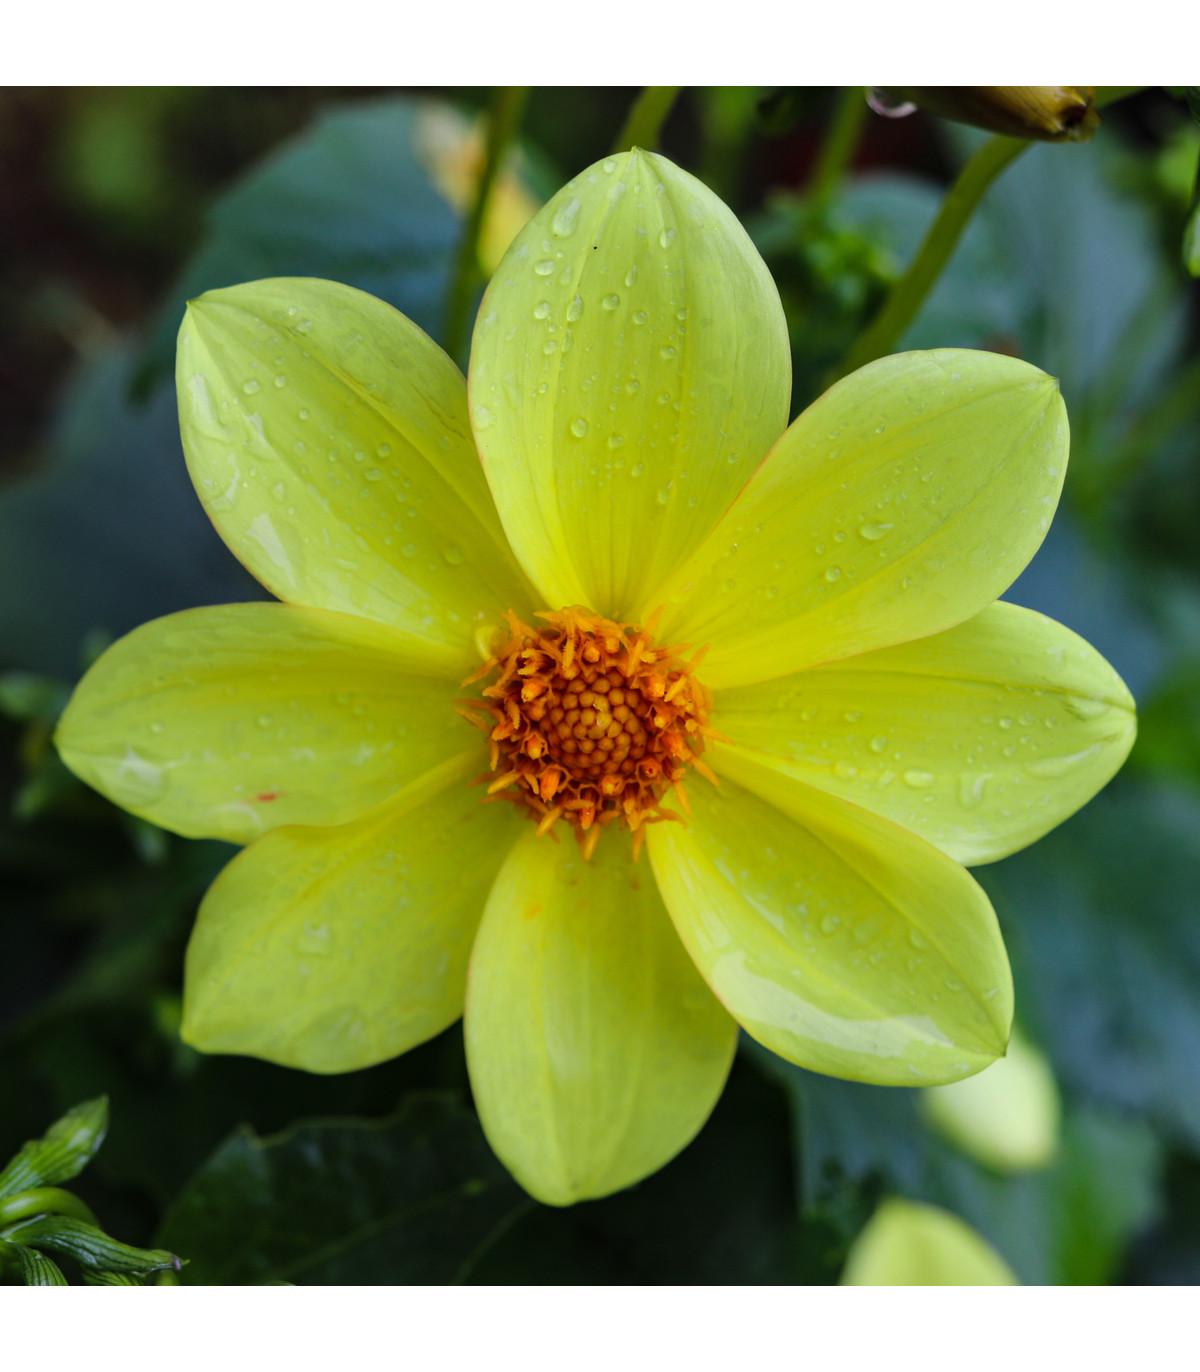 Jiřinka topmix žlutá - Dahlia - hlízy jiřinek - 1 ks